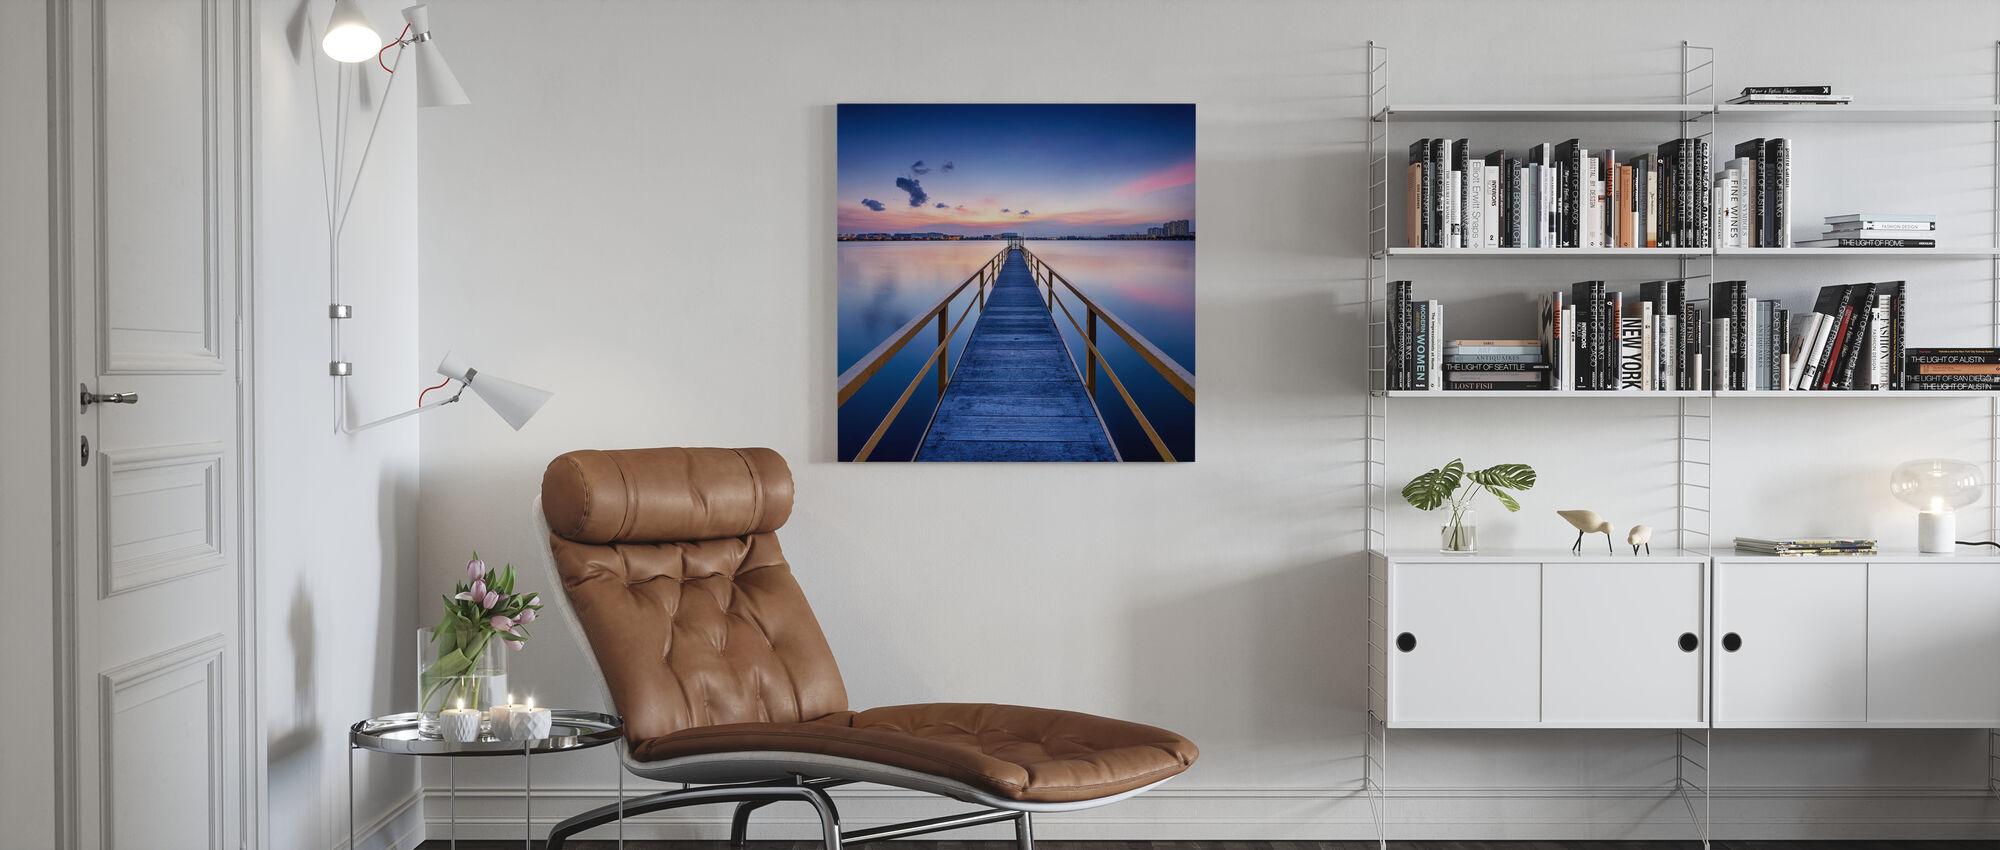 Rosy Sunset Pier - Canvastavla - Vardagsrum